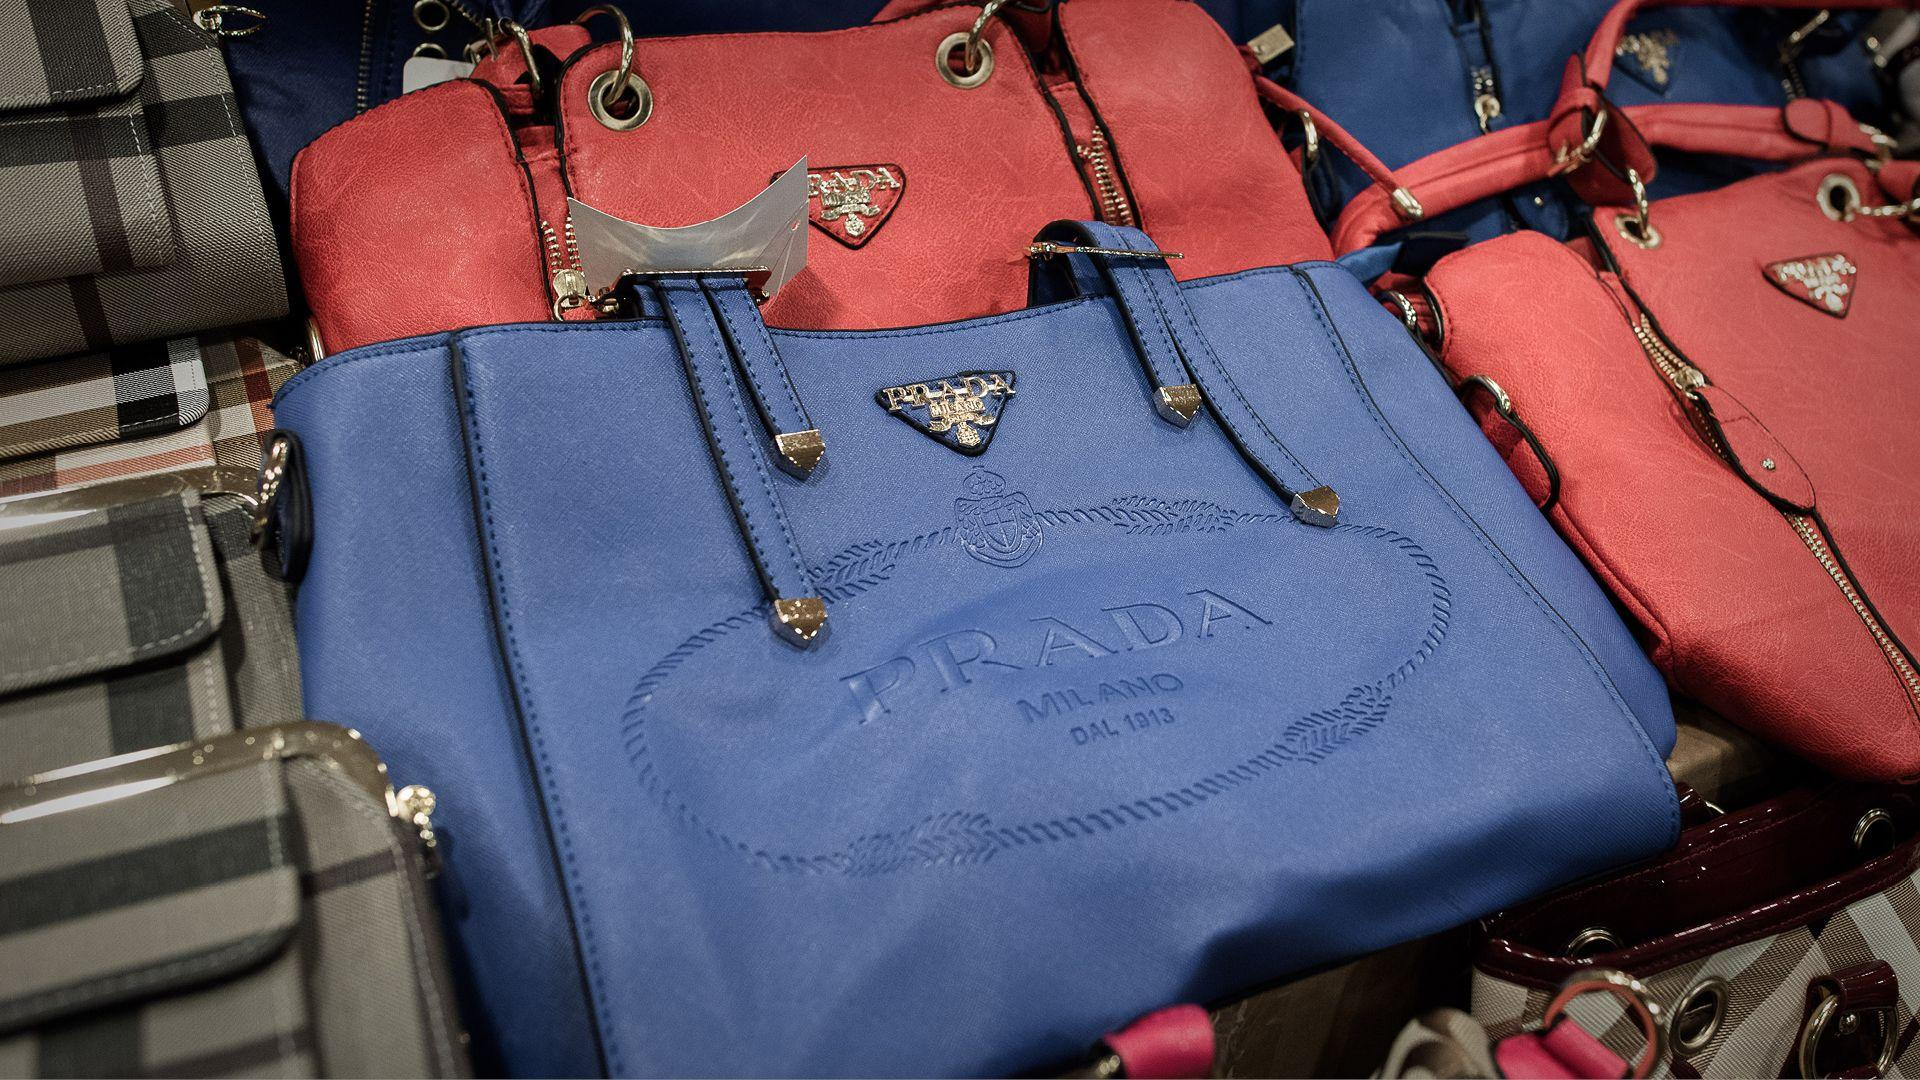 Prada Counterfeit Bags